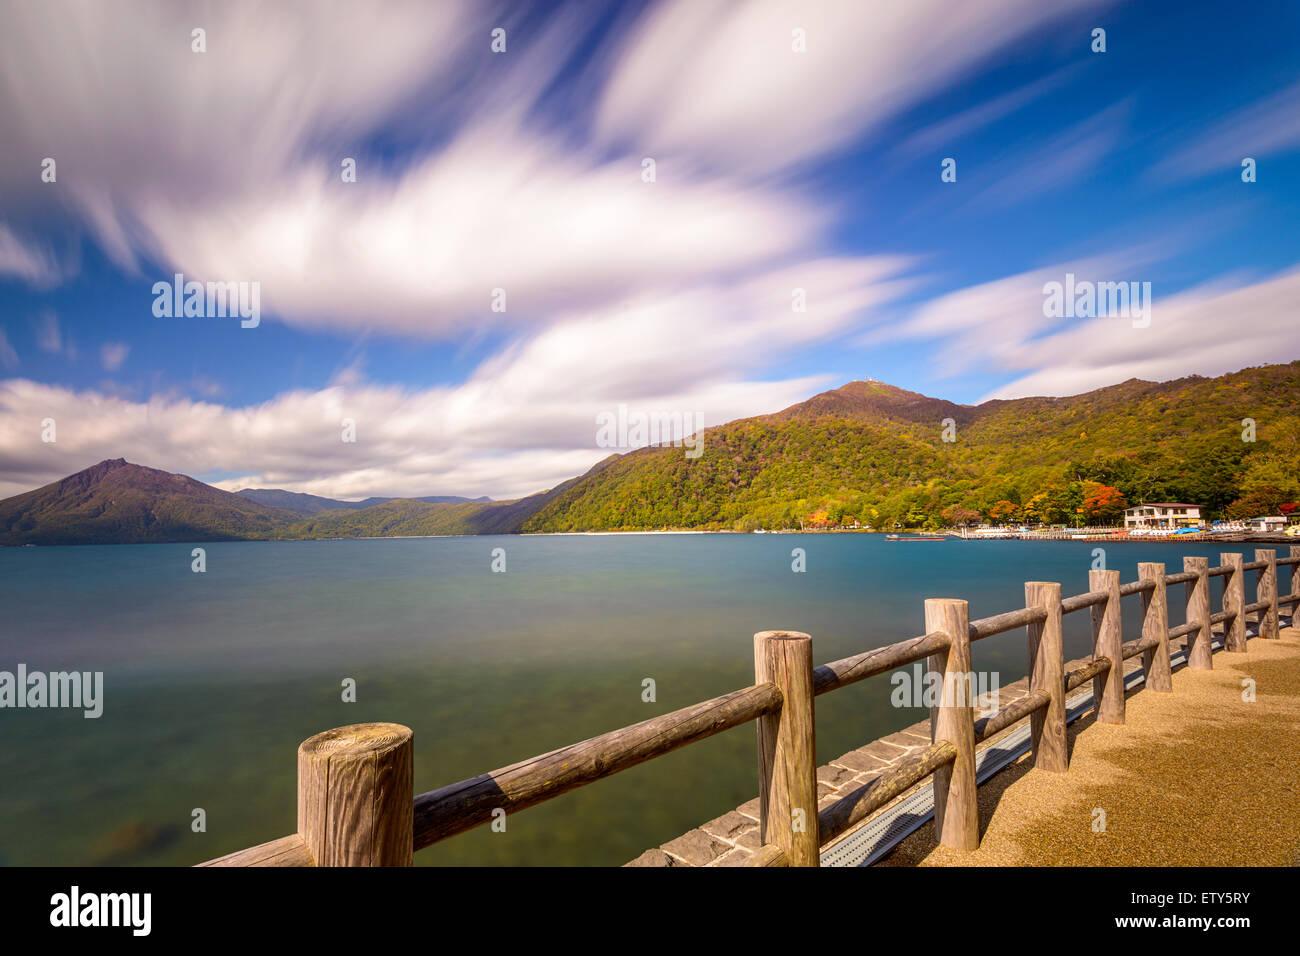 Shikotsu-Toya National Park, Japan at Lake Shikotsu. - Stock Image